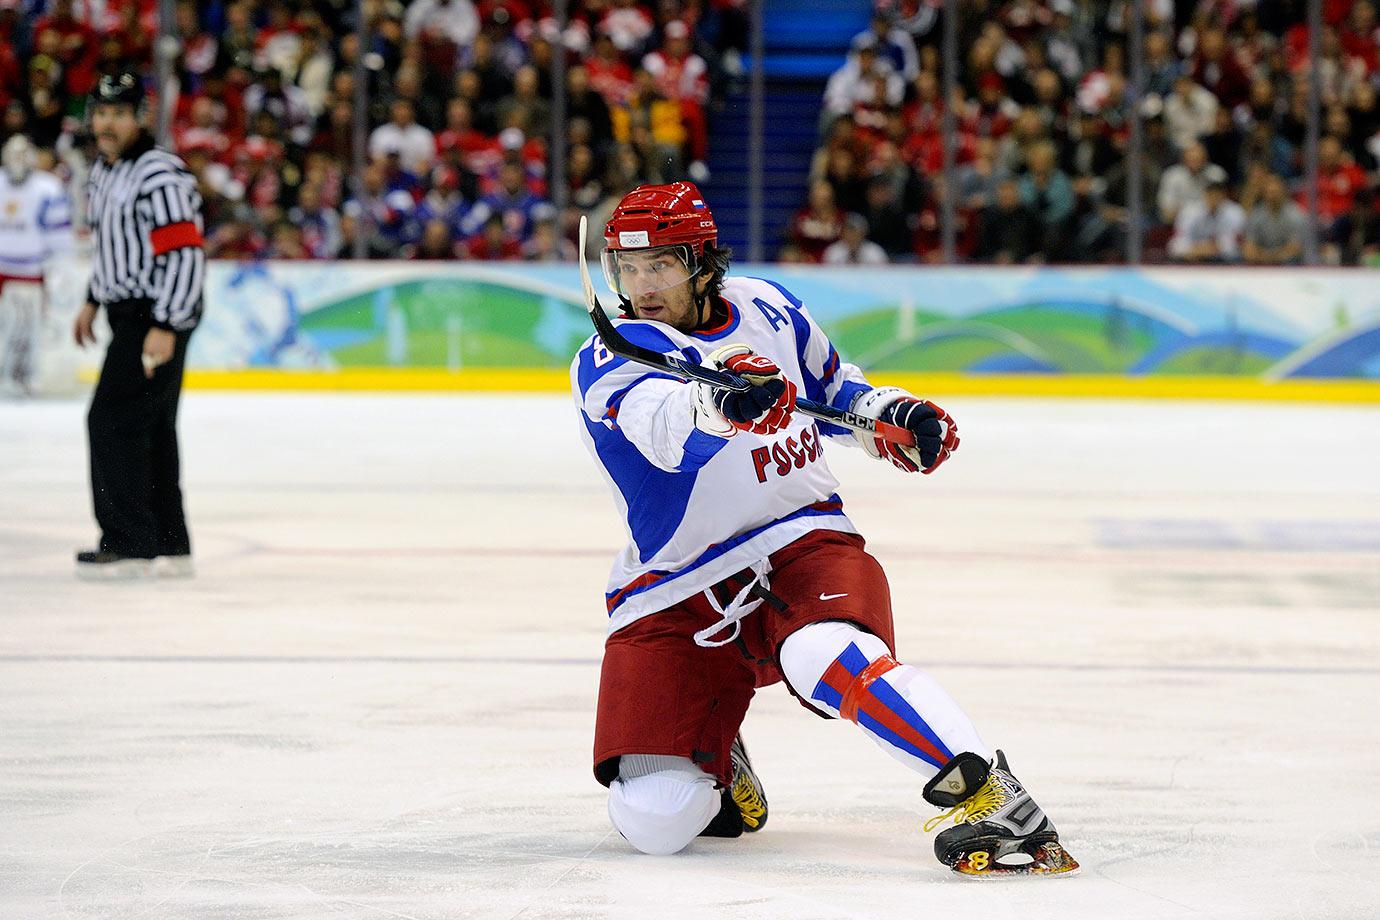 February 18, 2010 — Winter Olympics